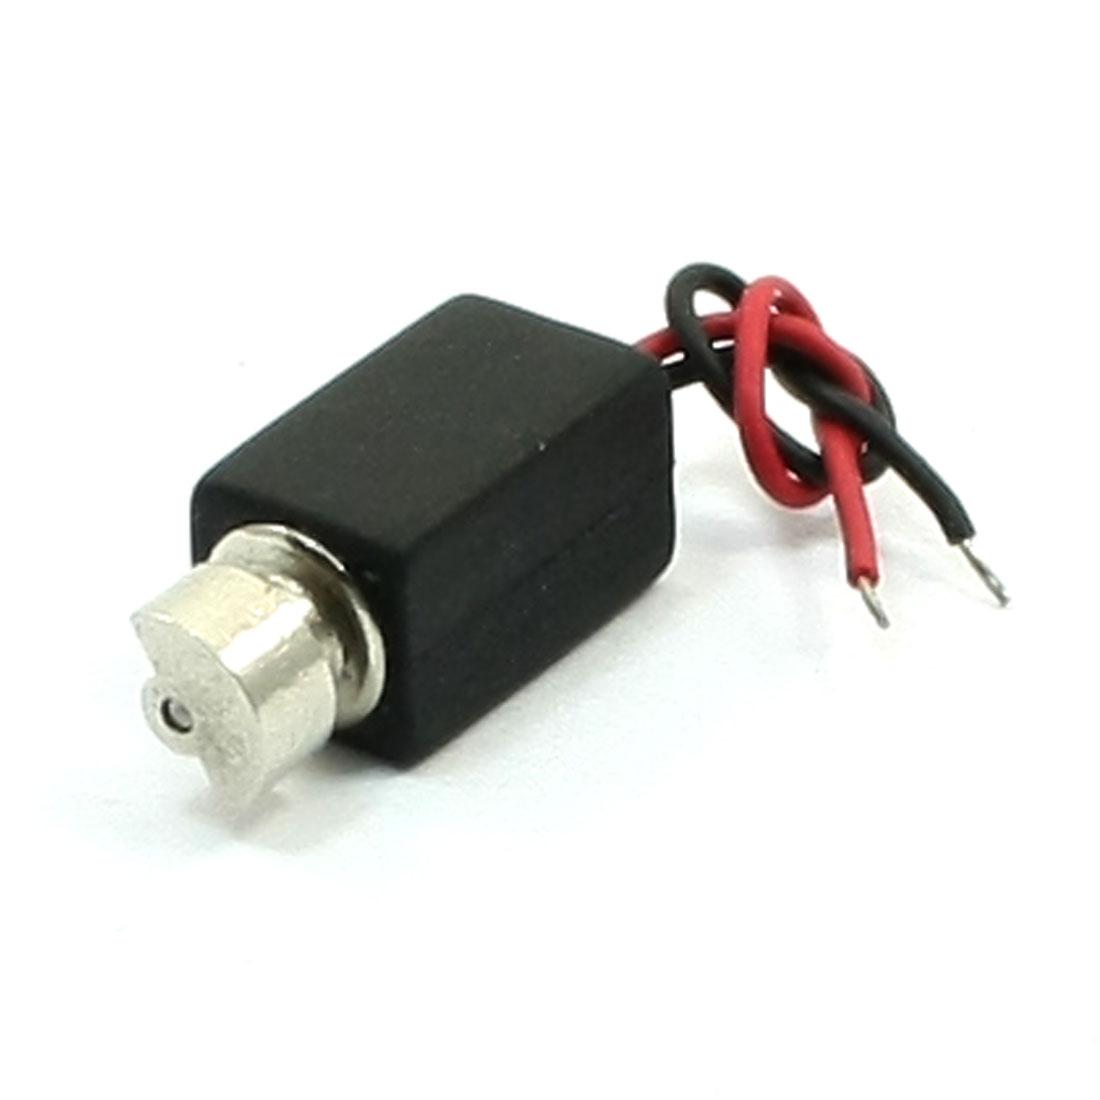 Cellphone-Vibrating-Vibration-DC-Micro-Motor-DC-3V-11000R-min